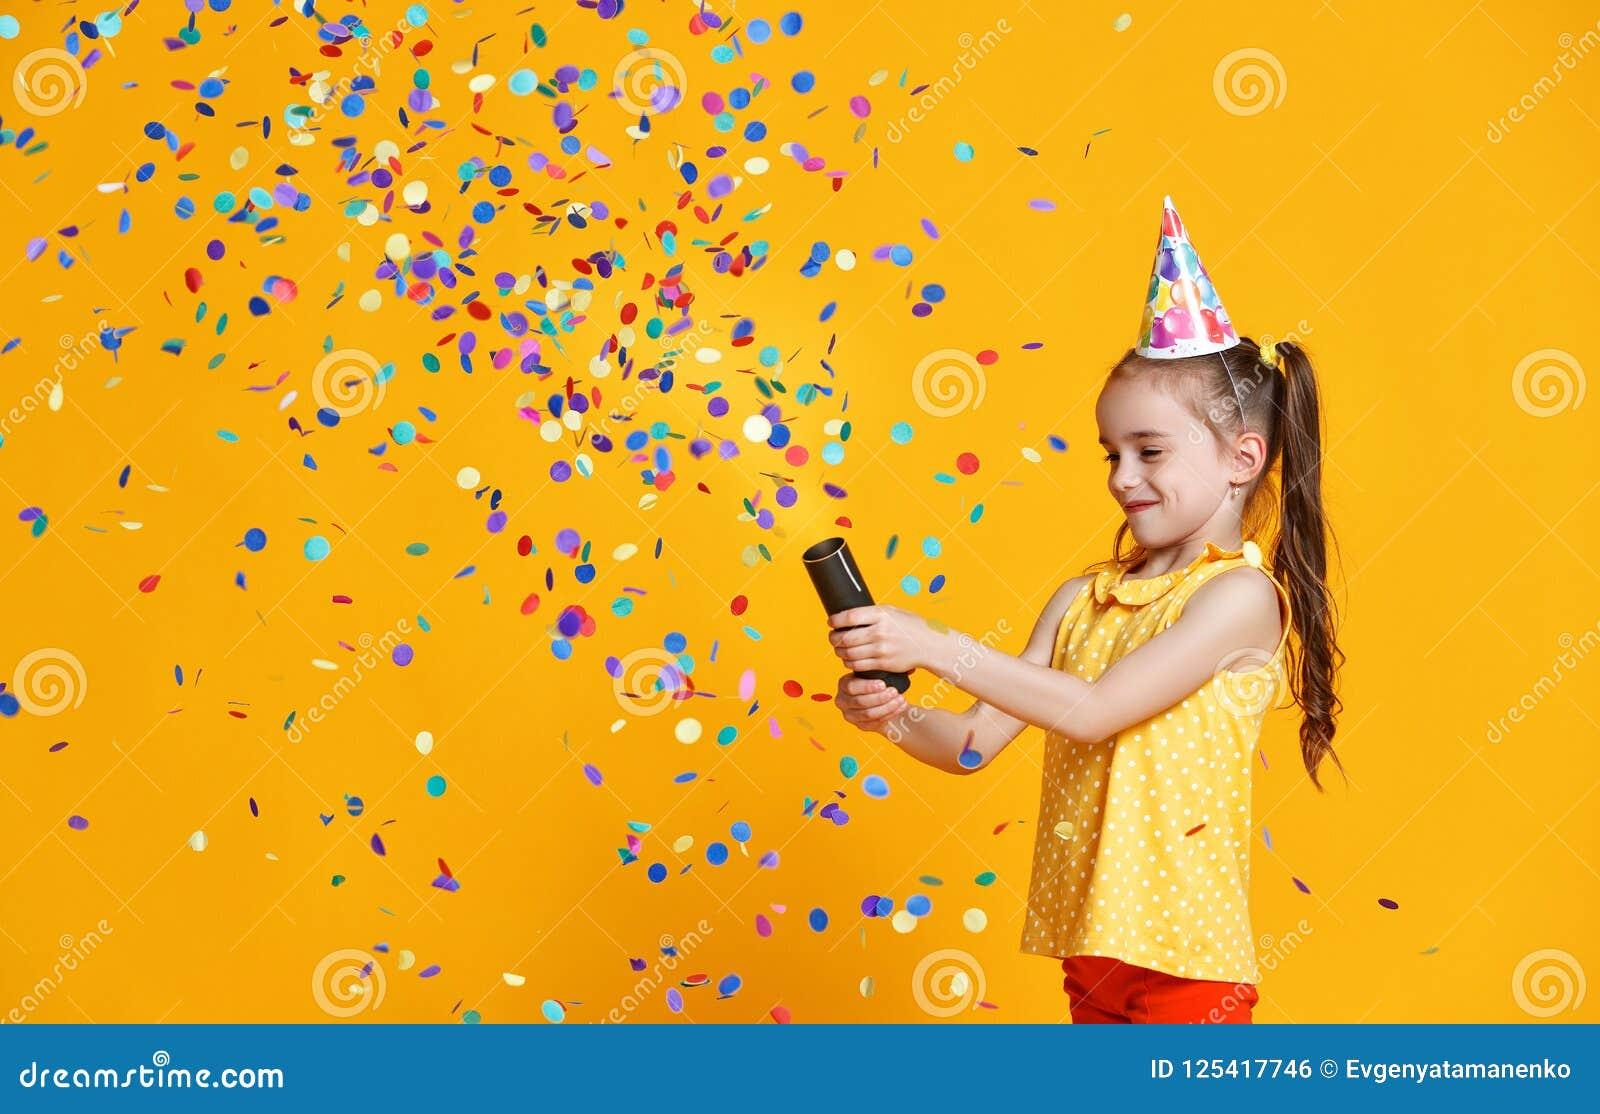 Muchacha del niño del feliz cumpleaños con confeti en fondo amarillo